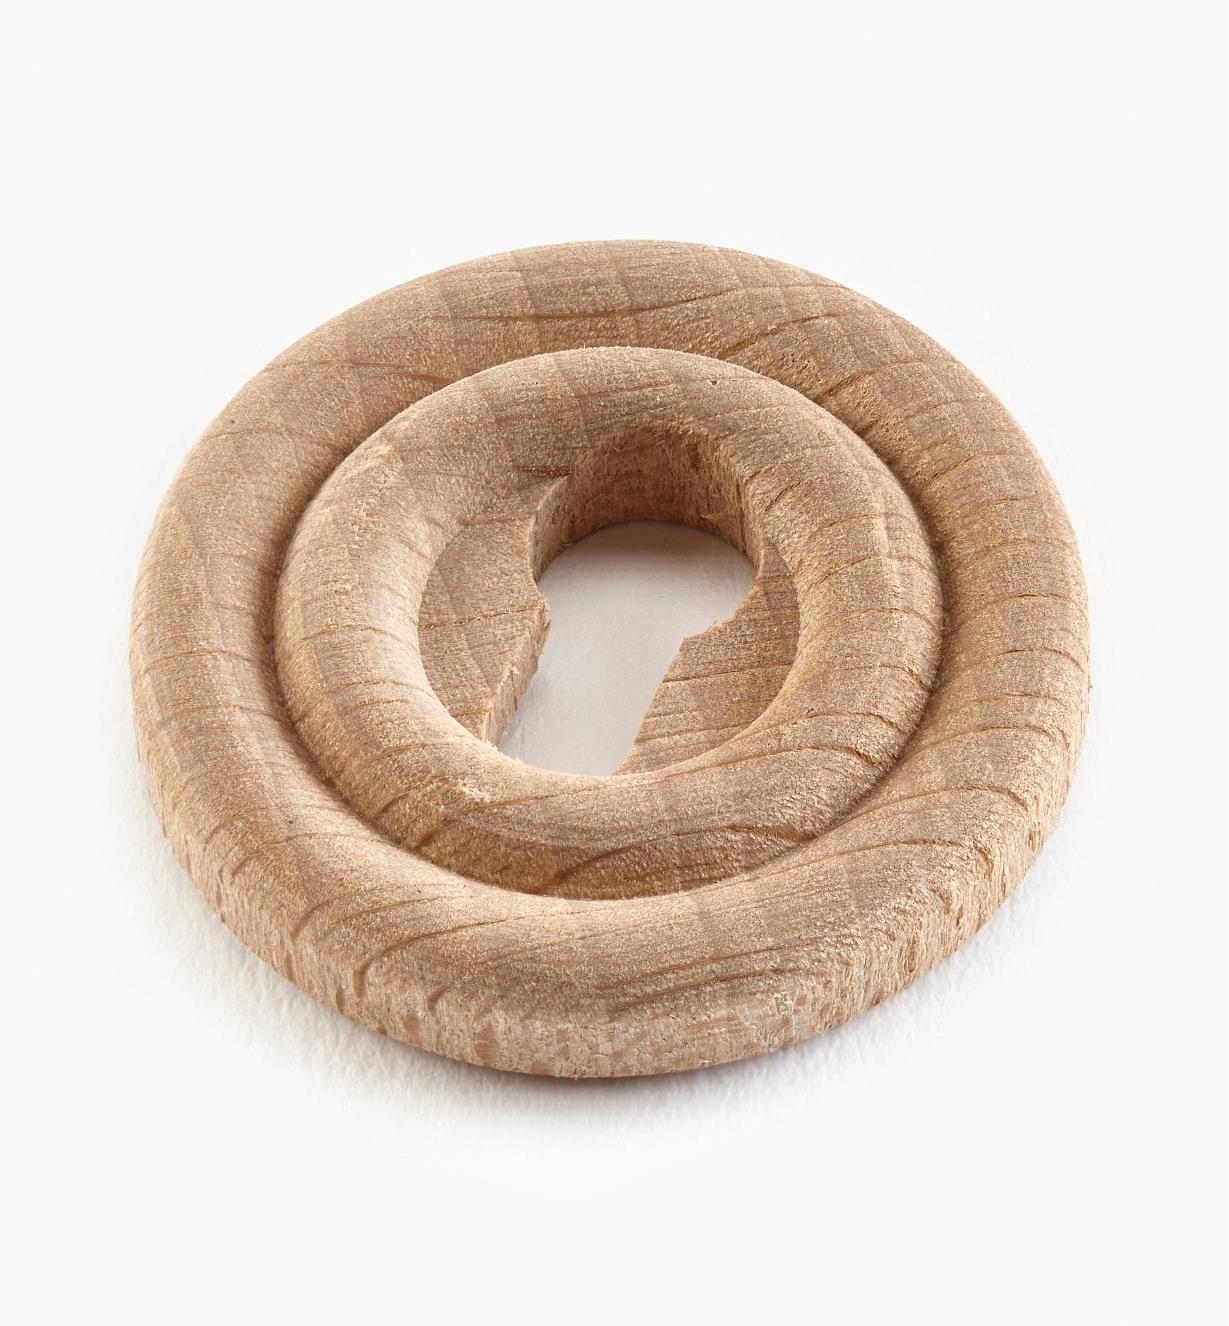 00A1110 - Plain Wood Escutcheon